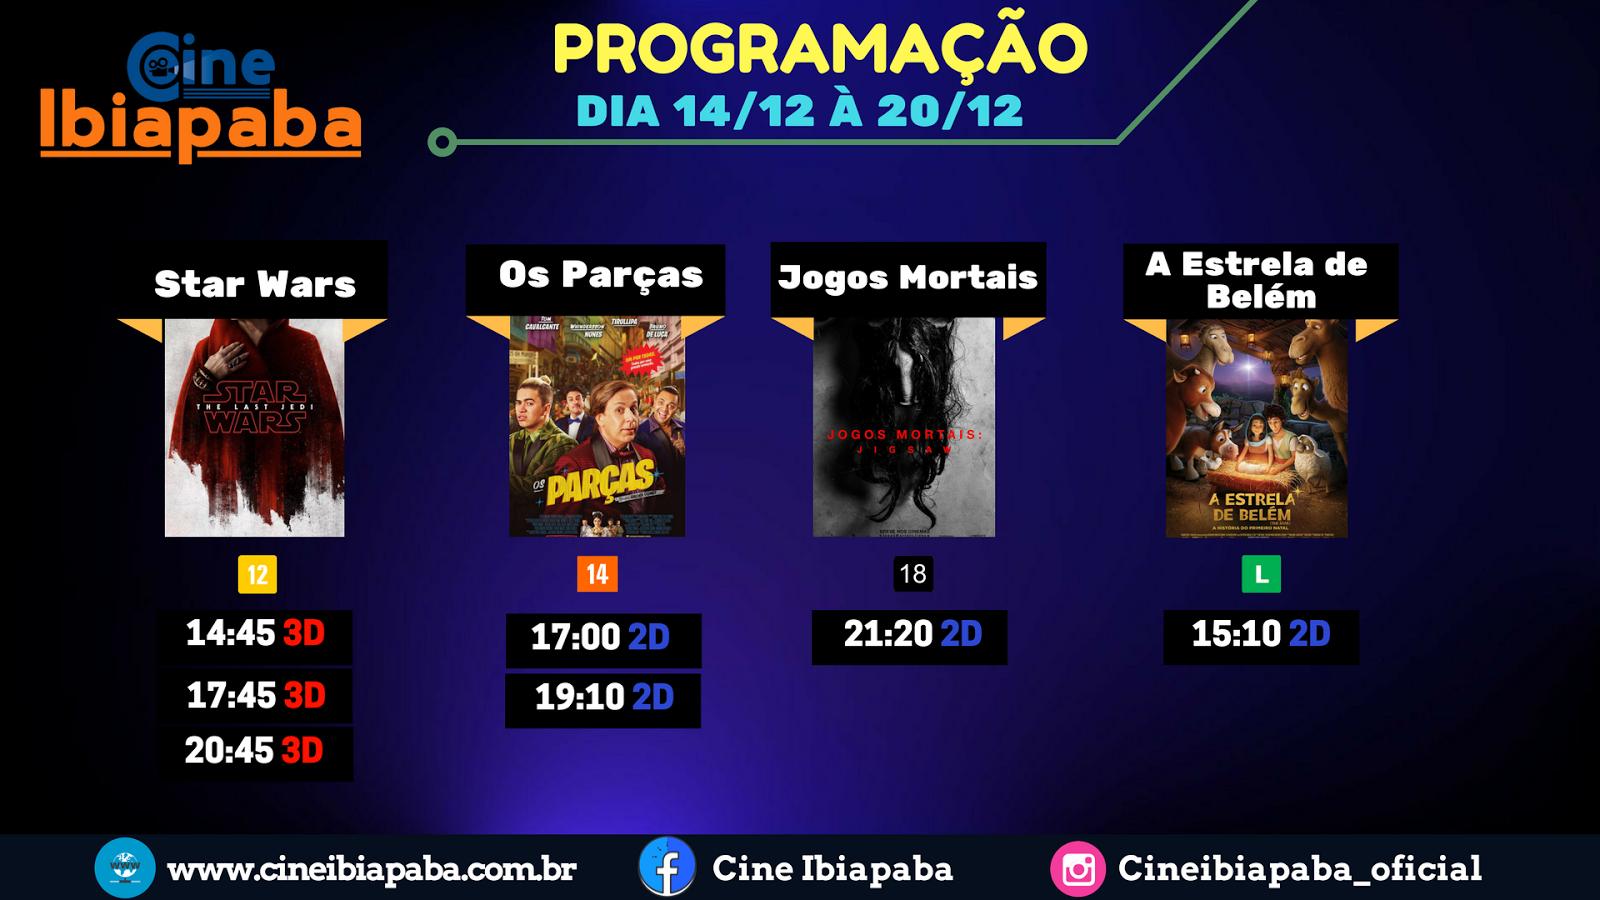 Programação Cine Ibiapaba